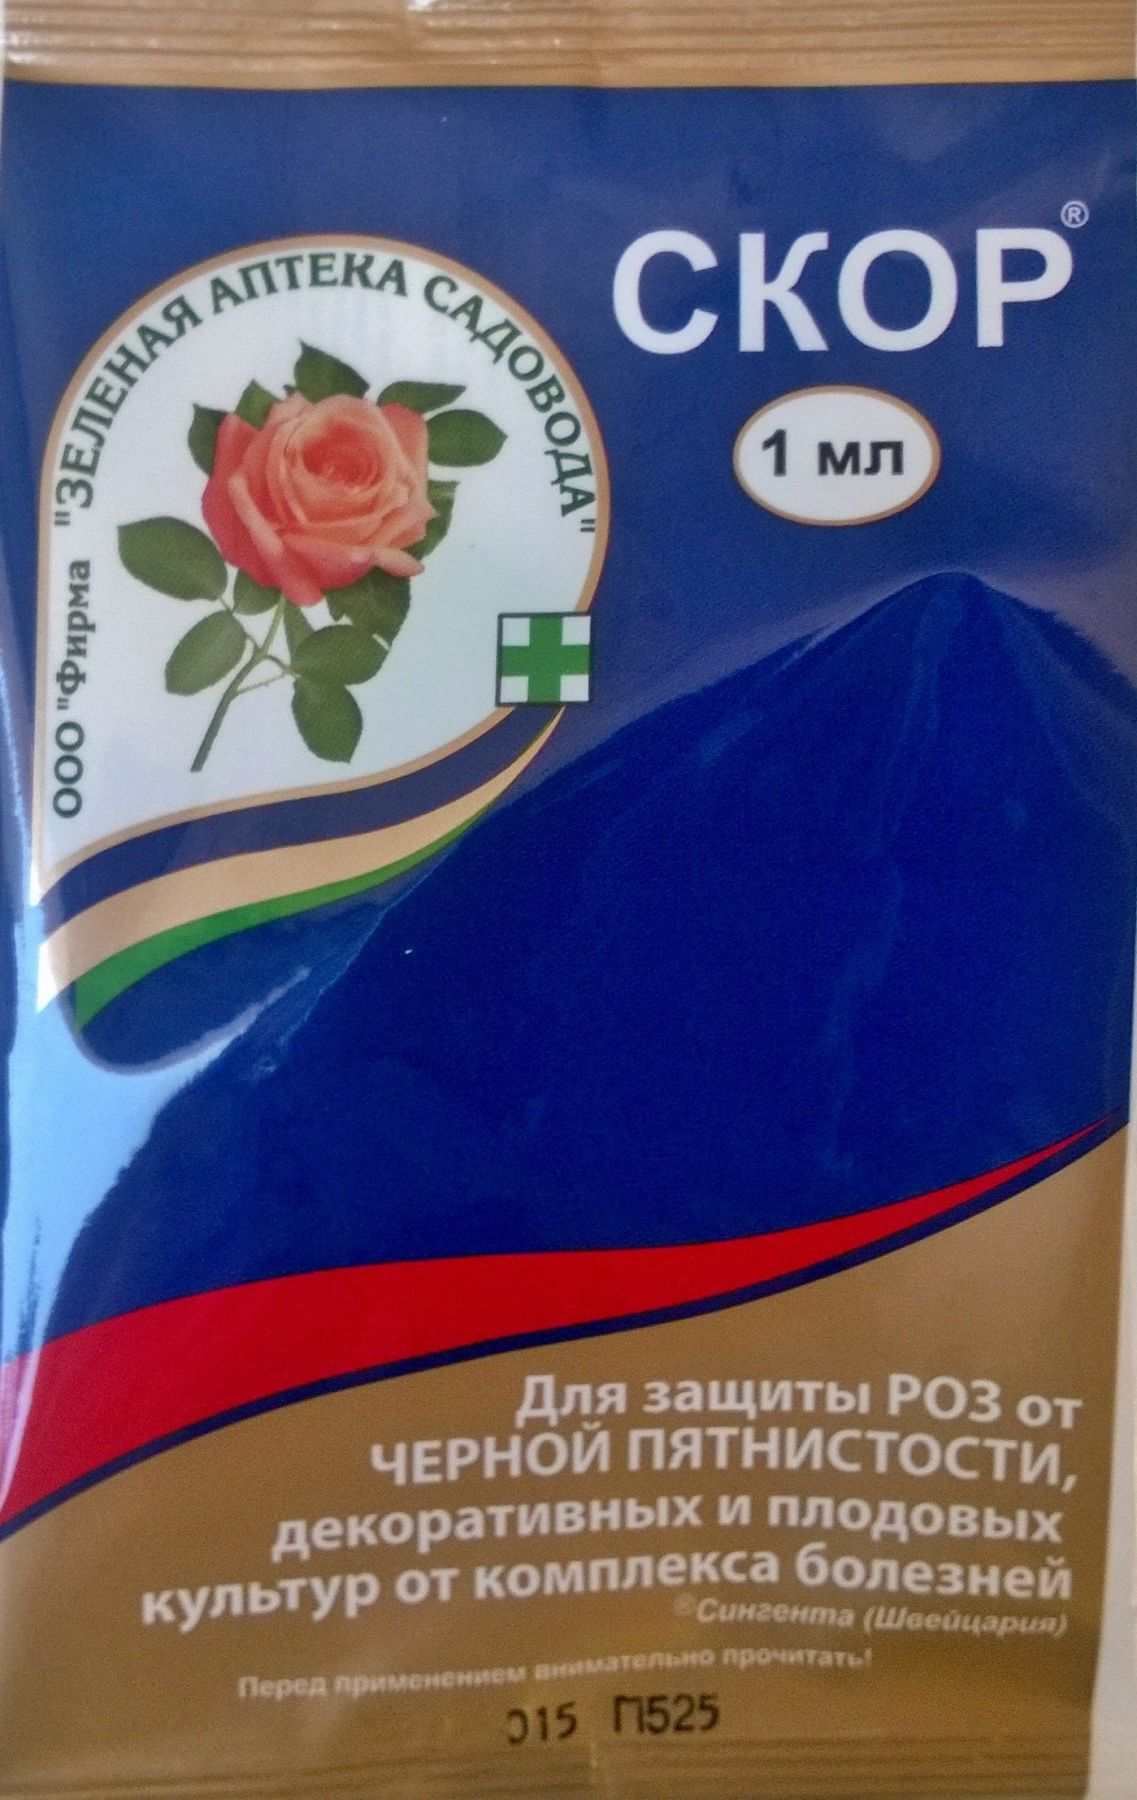 Скор,  2мл  (средство от болезней растений)